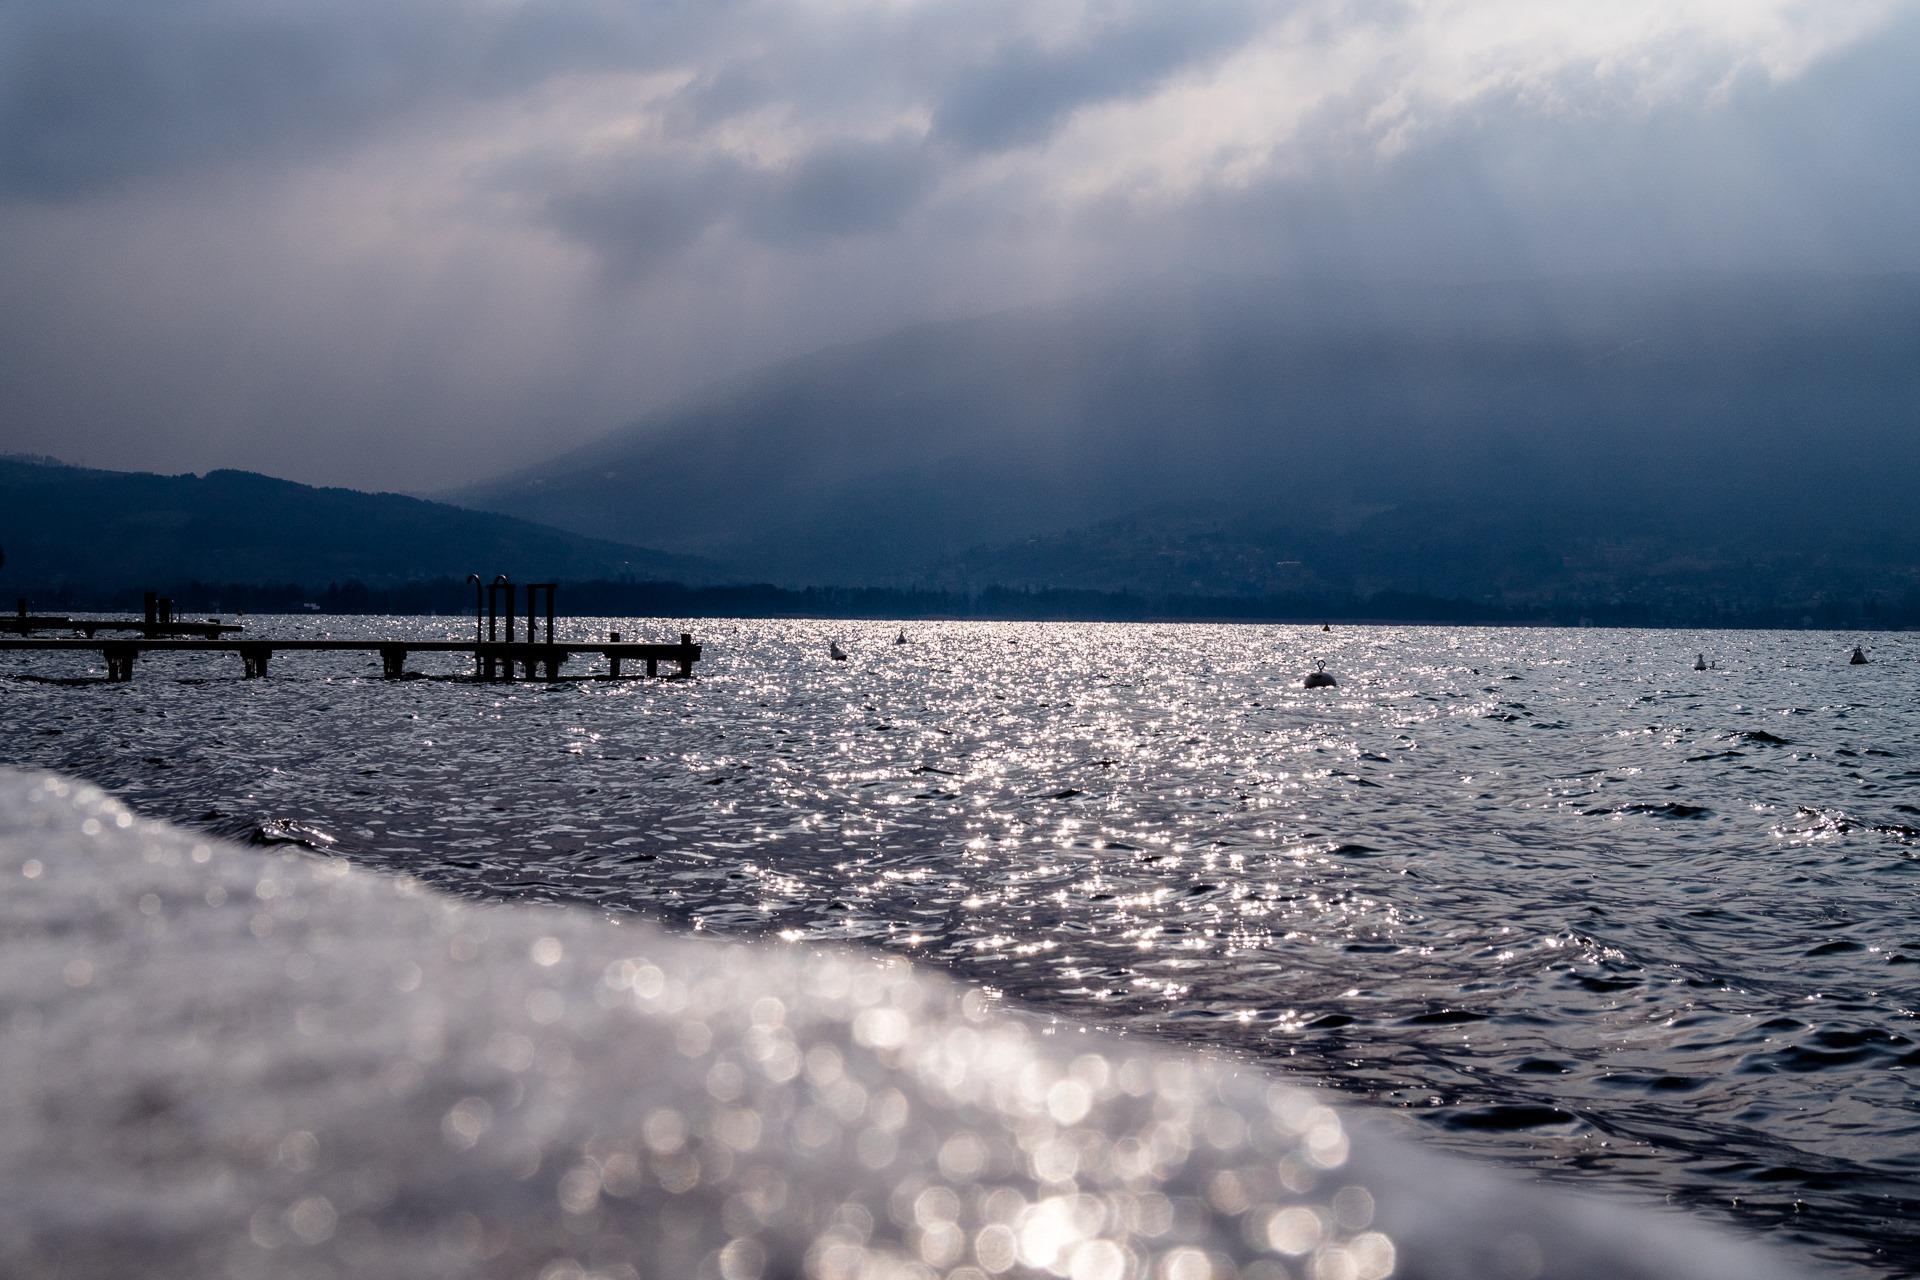 Lacs suisses - Lac Léman à Morges, Alexandra Chollet, Atelier Focale 16, exposition photo à l'incontournable